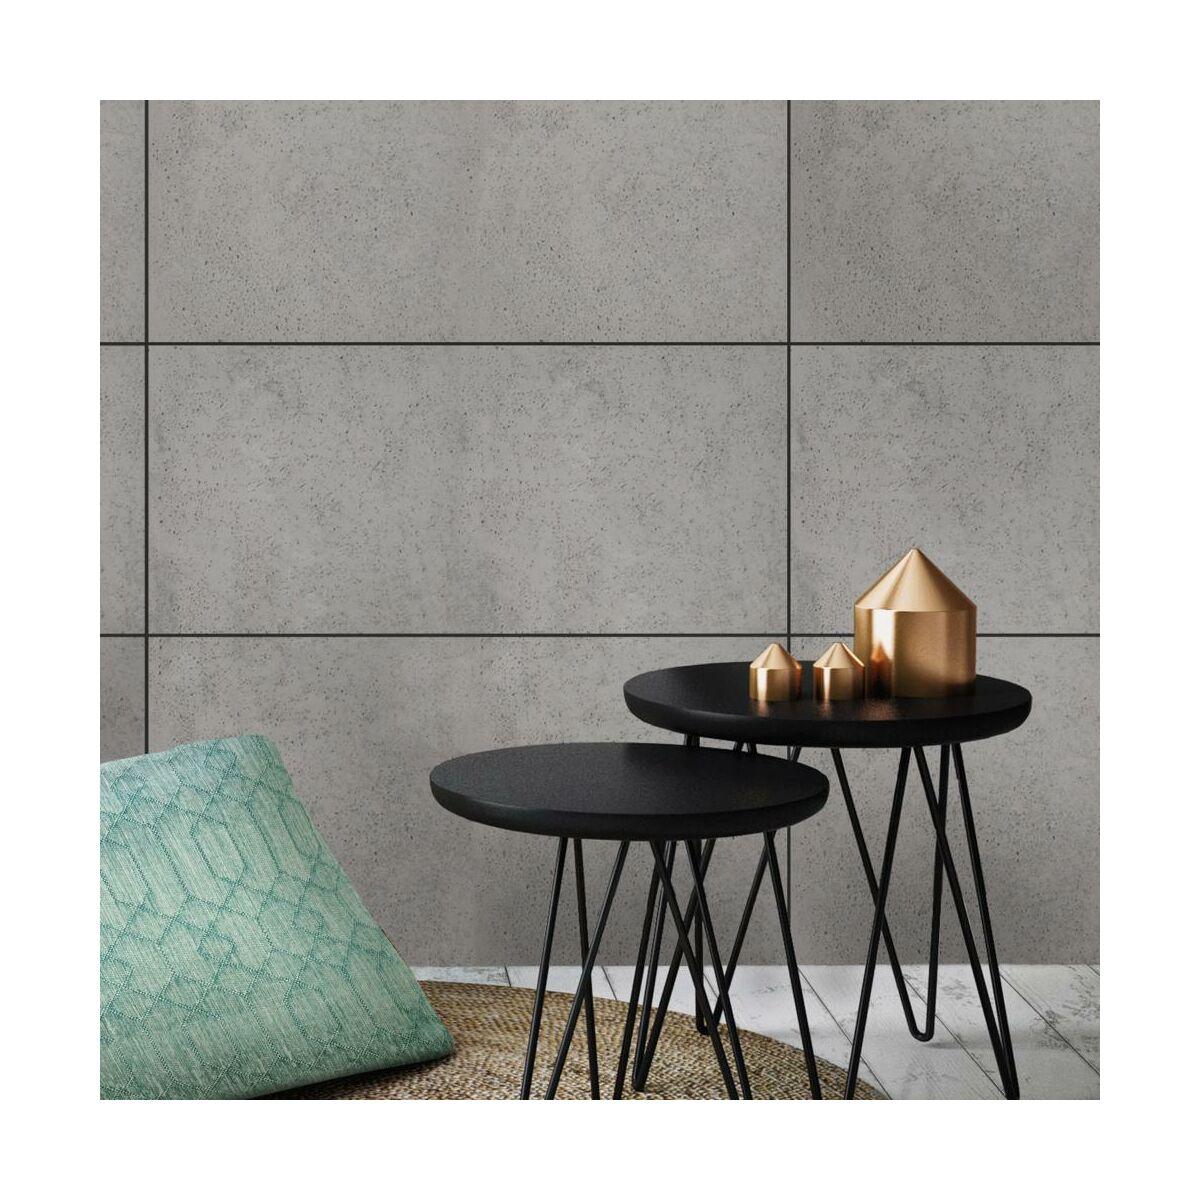 Beton Architektoniczny Jasnoszary 40 X 80 Cm Steinblau Kamien Elewacyjny I Dekoracyjny W Atrakcyjnej Cenie W Sklepach Leroy Merlin